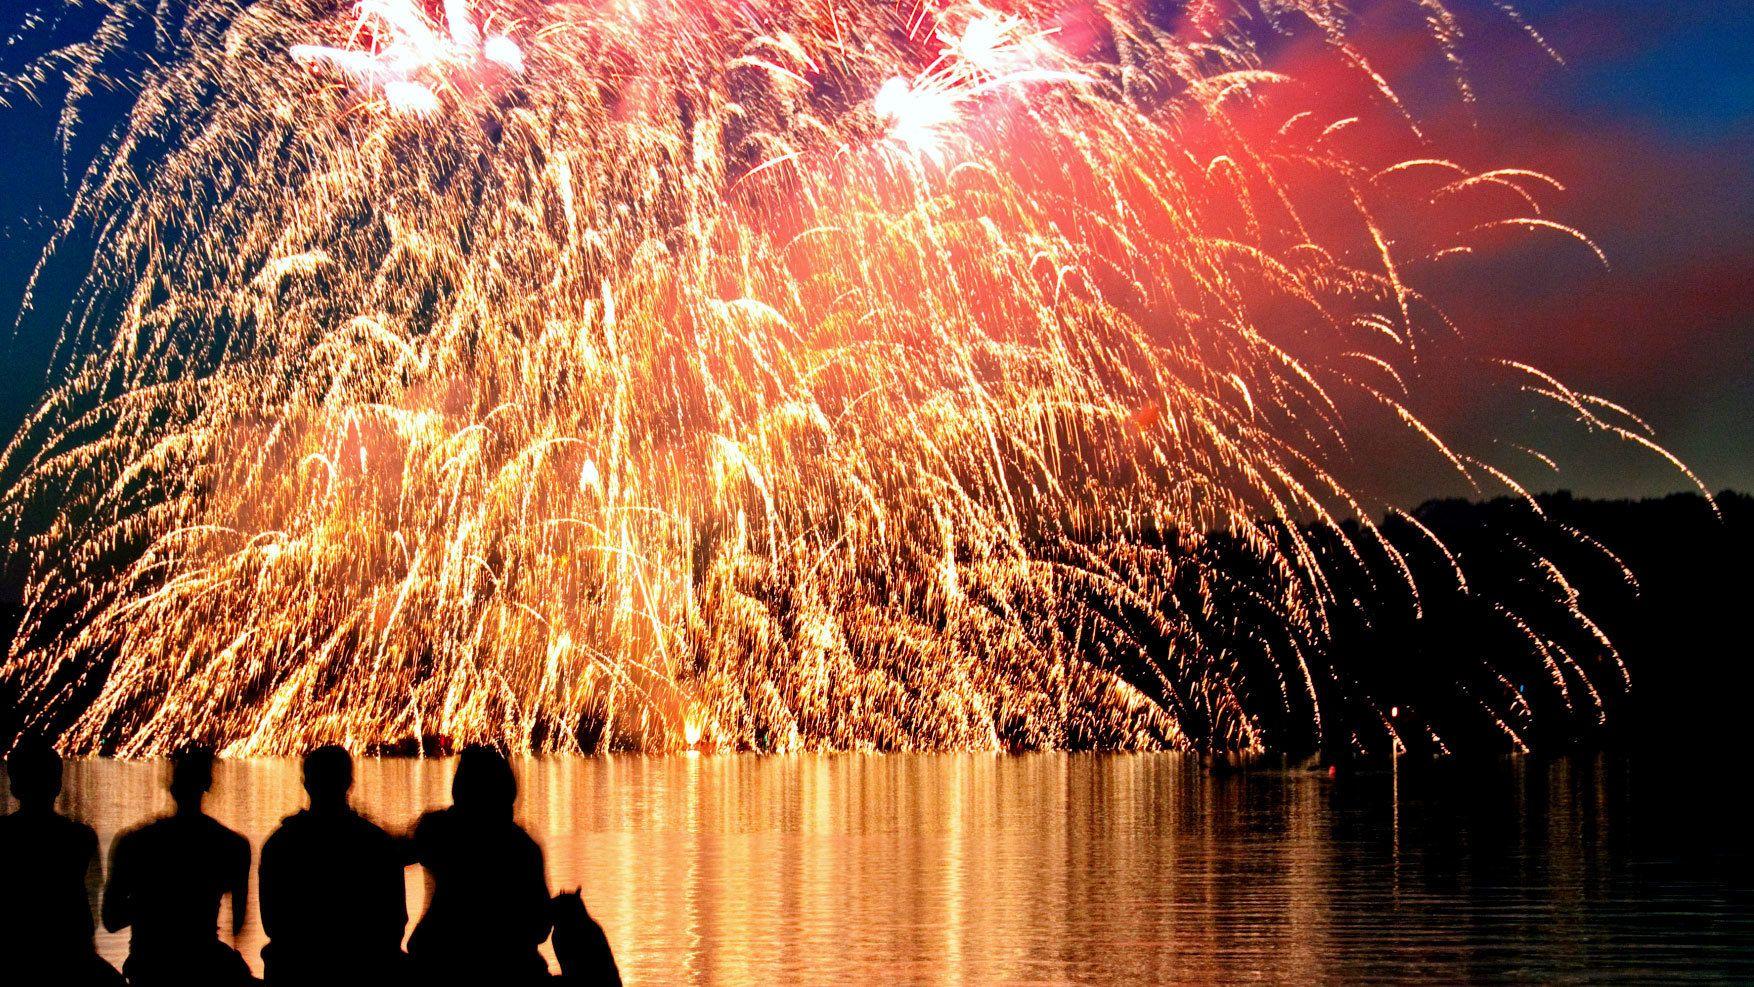 Spirit of Chicago Fireworks Dinner Cruise